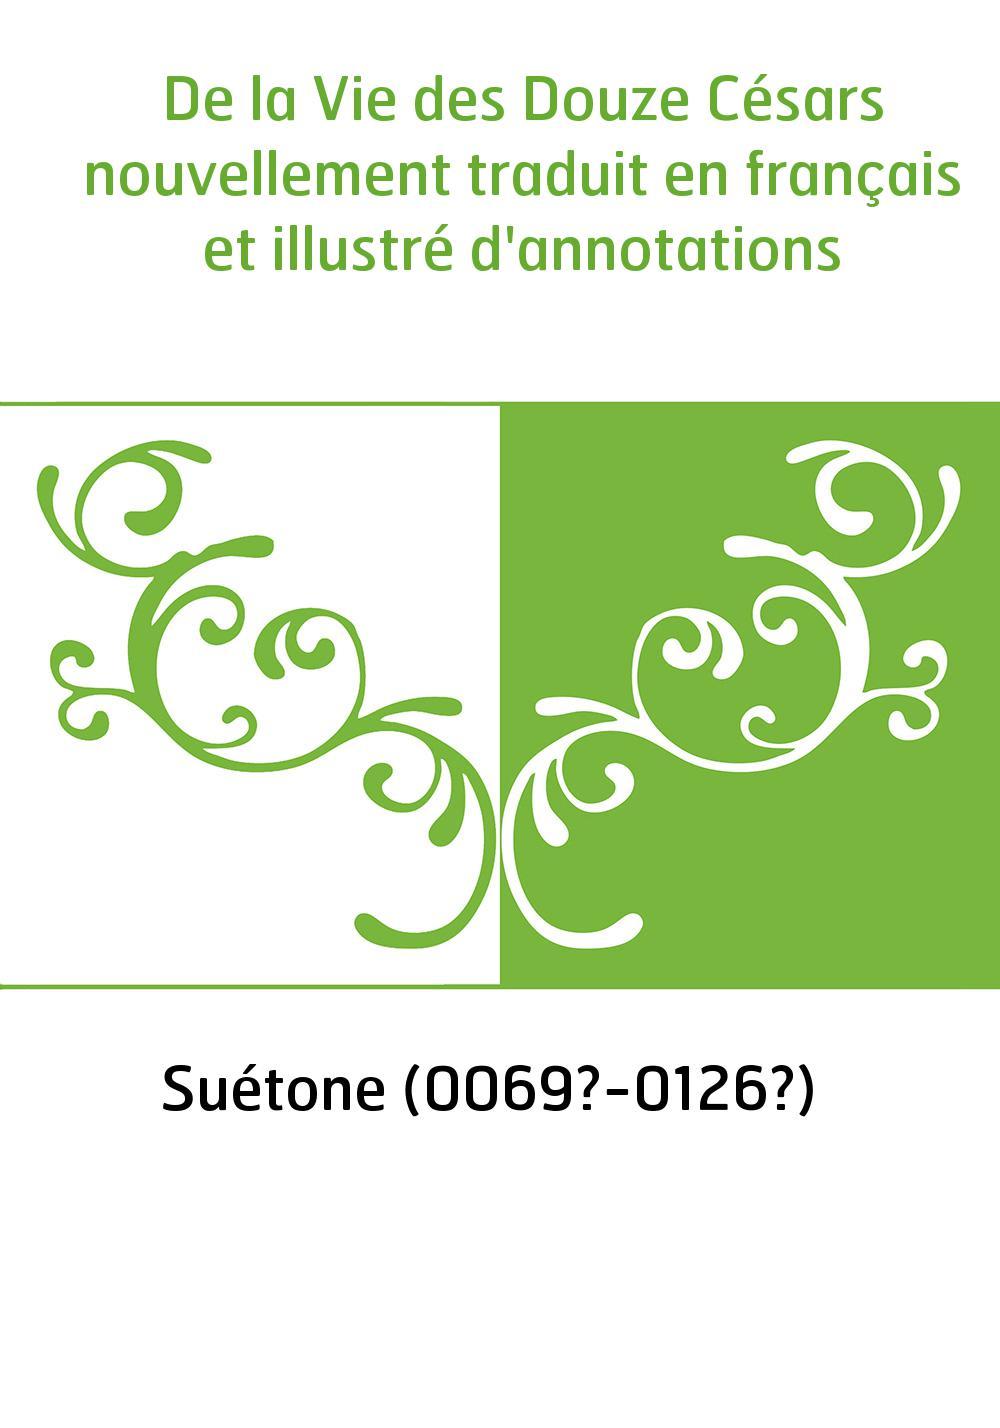 De la Vie des Douze Césars nouvellement traduit en français et illustré d'annotations